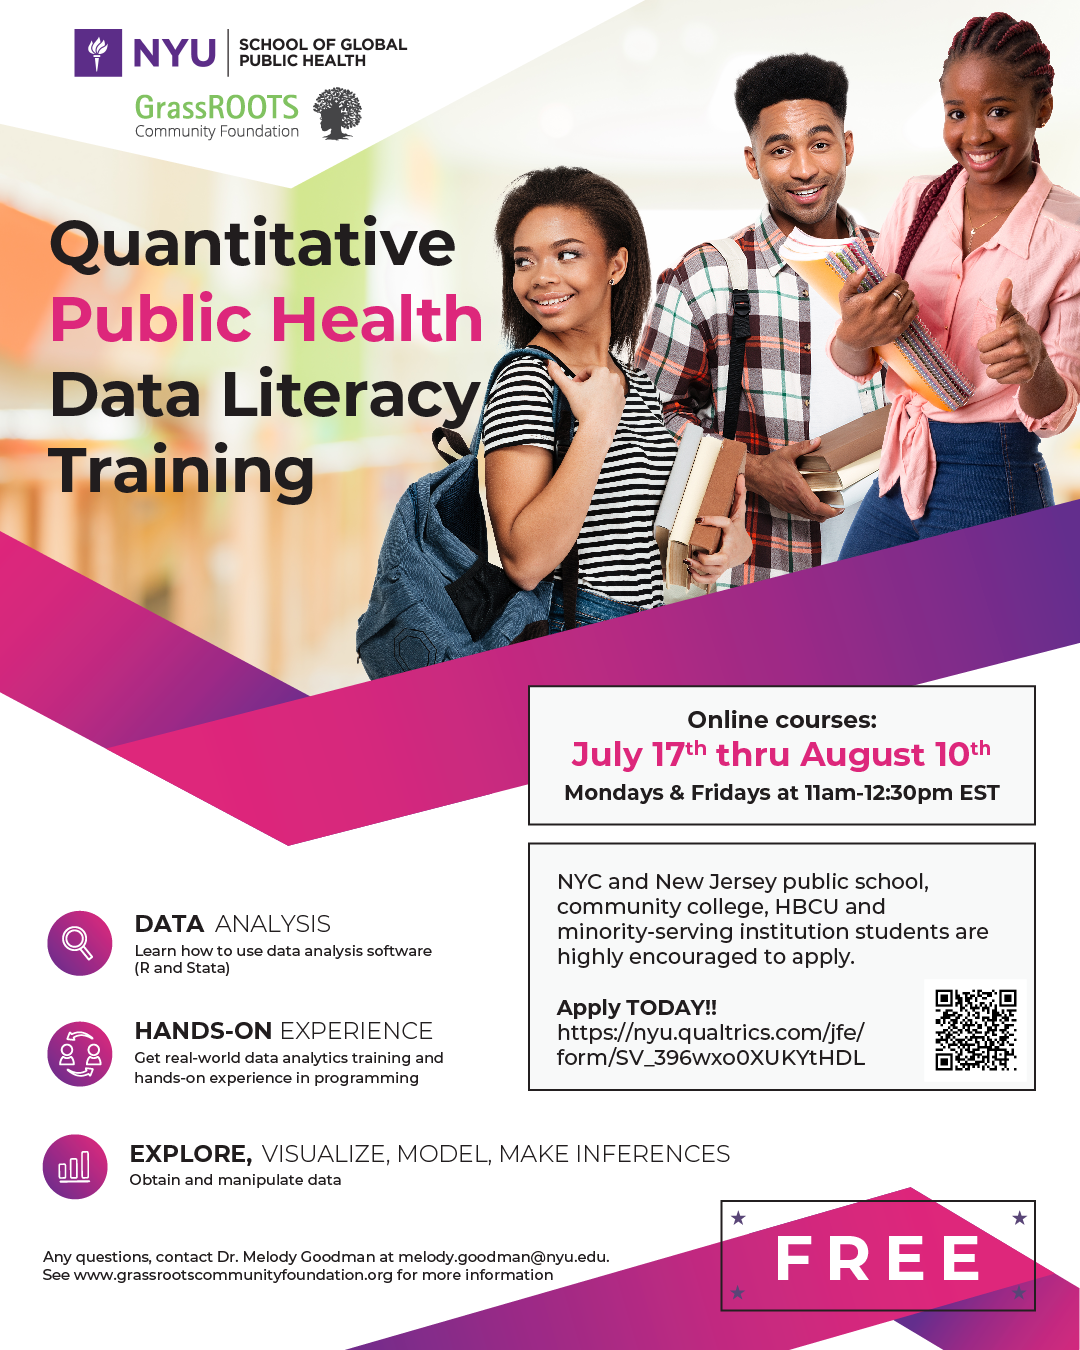 Data literacy training